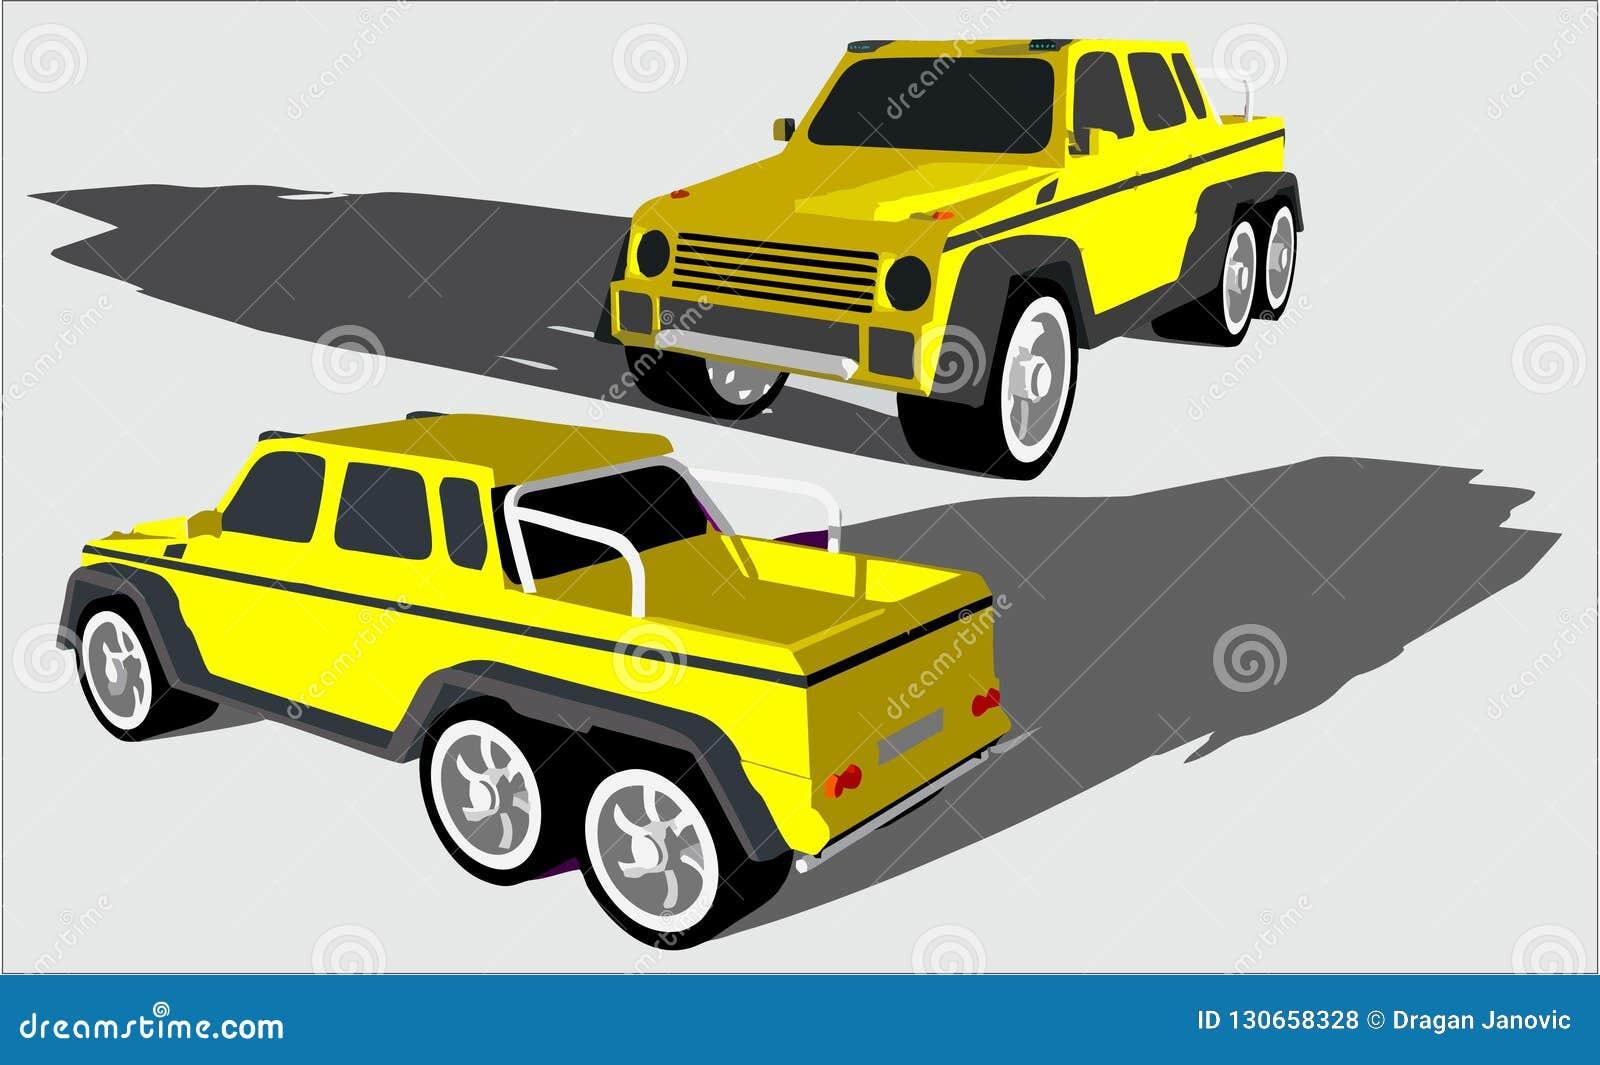 Groot off-road voertuig met zes wielen